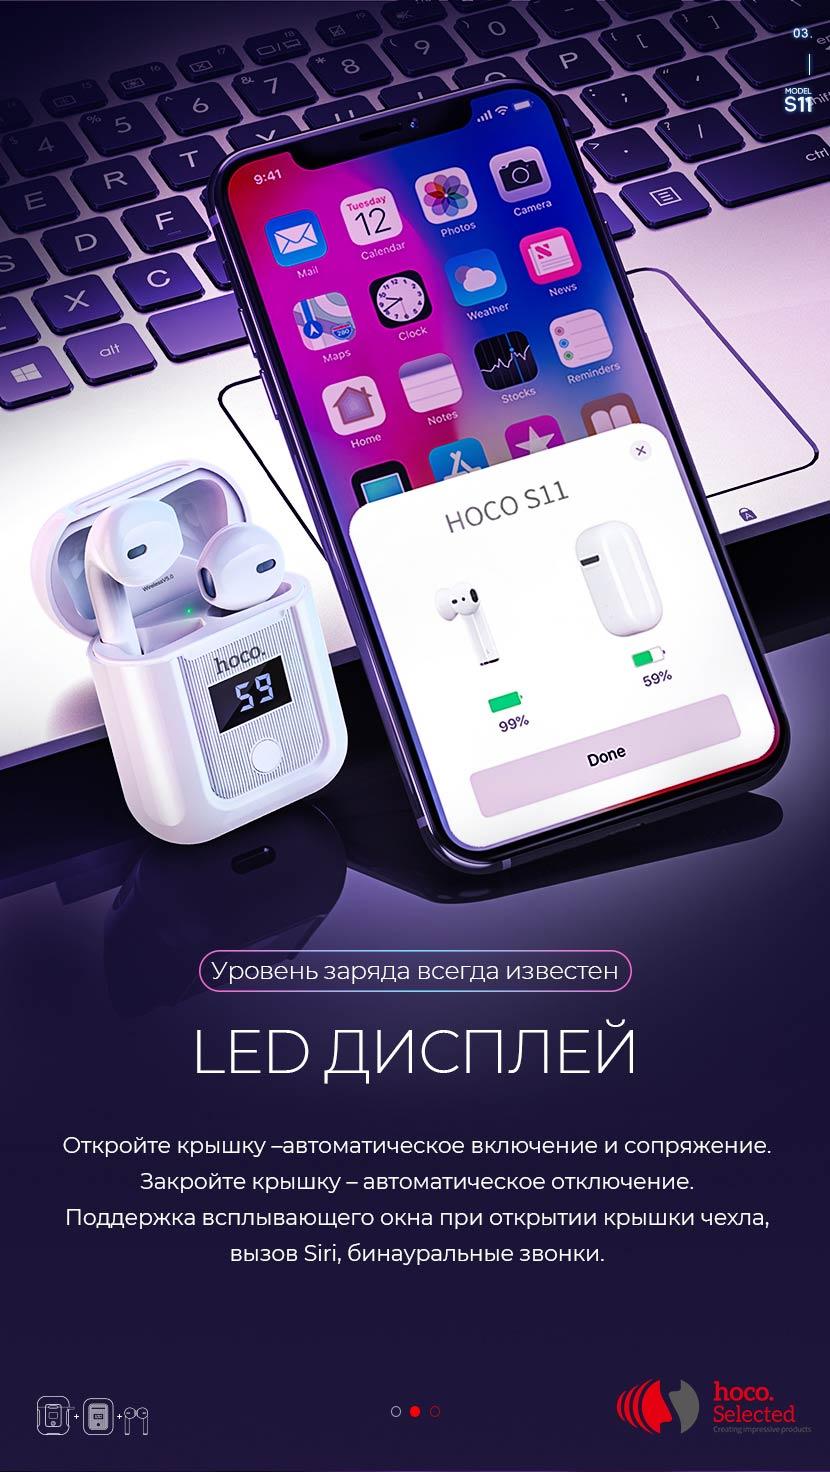 hoco selected новости s11 melody беспроводная гарнитура сопряжение ru